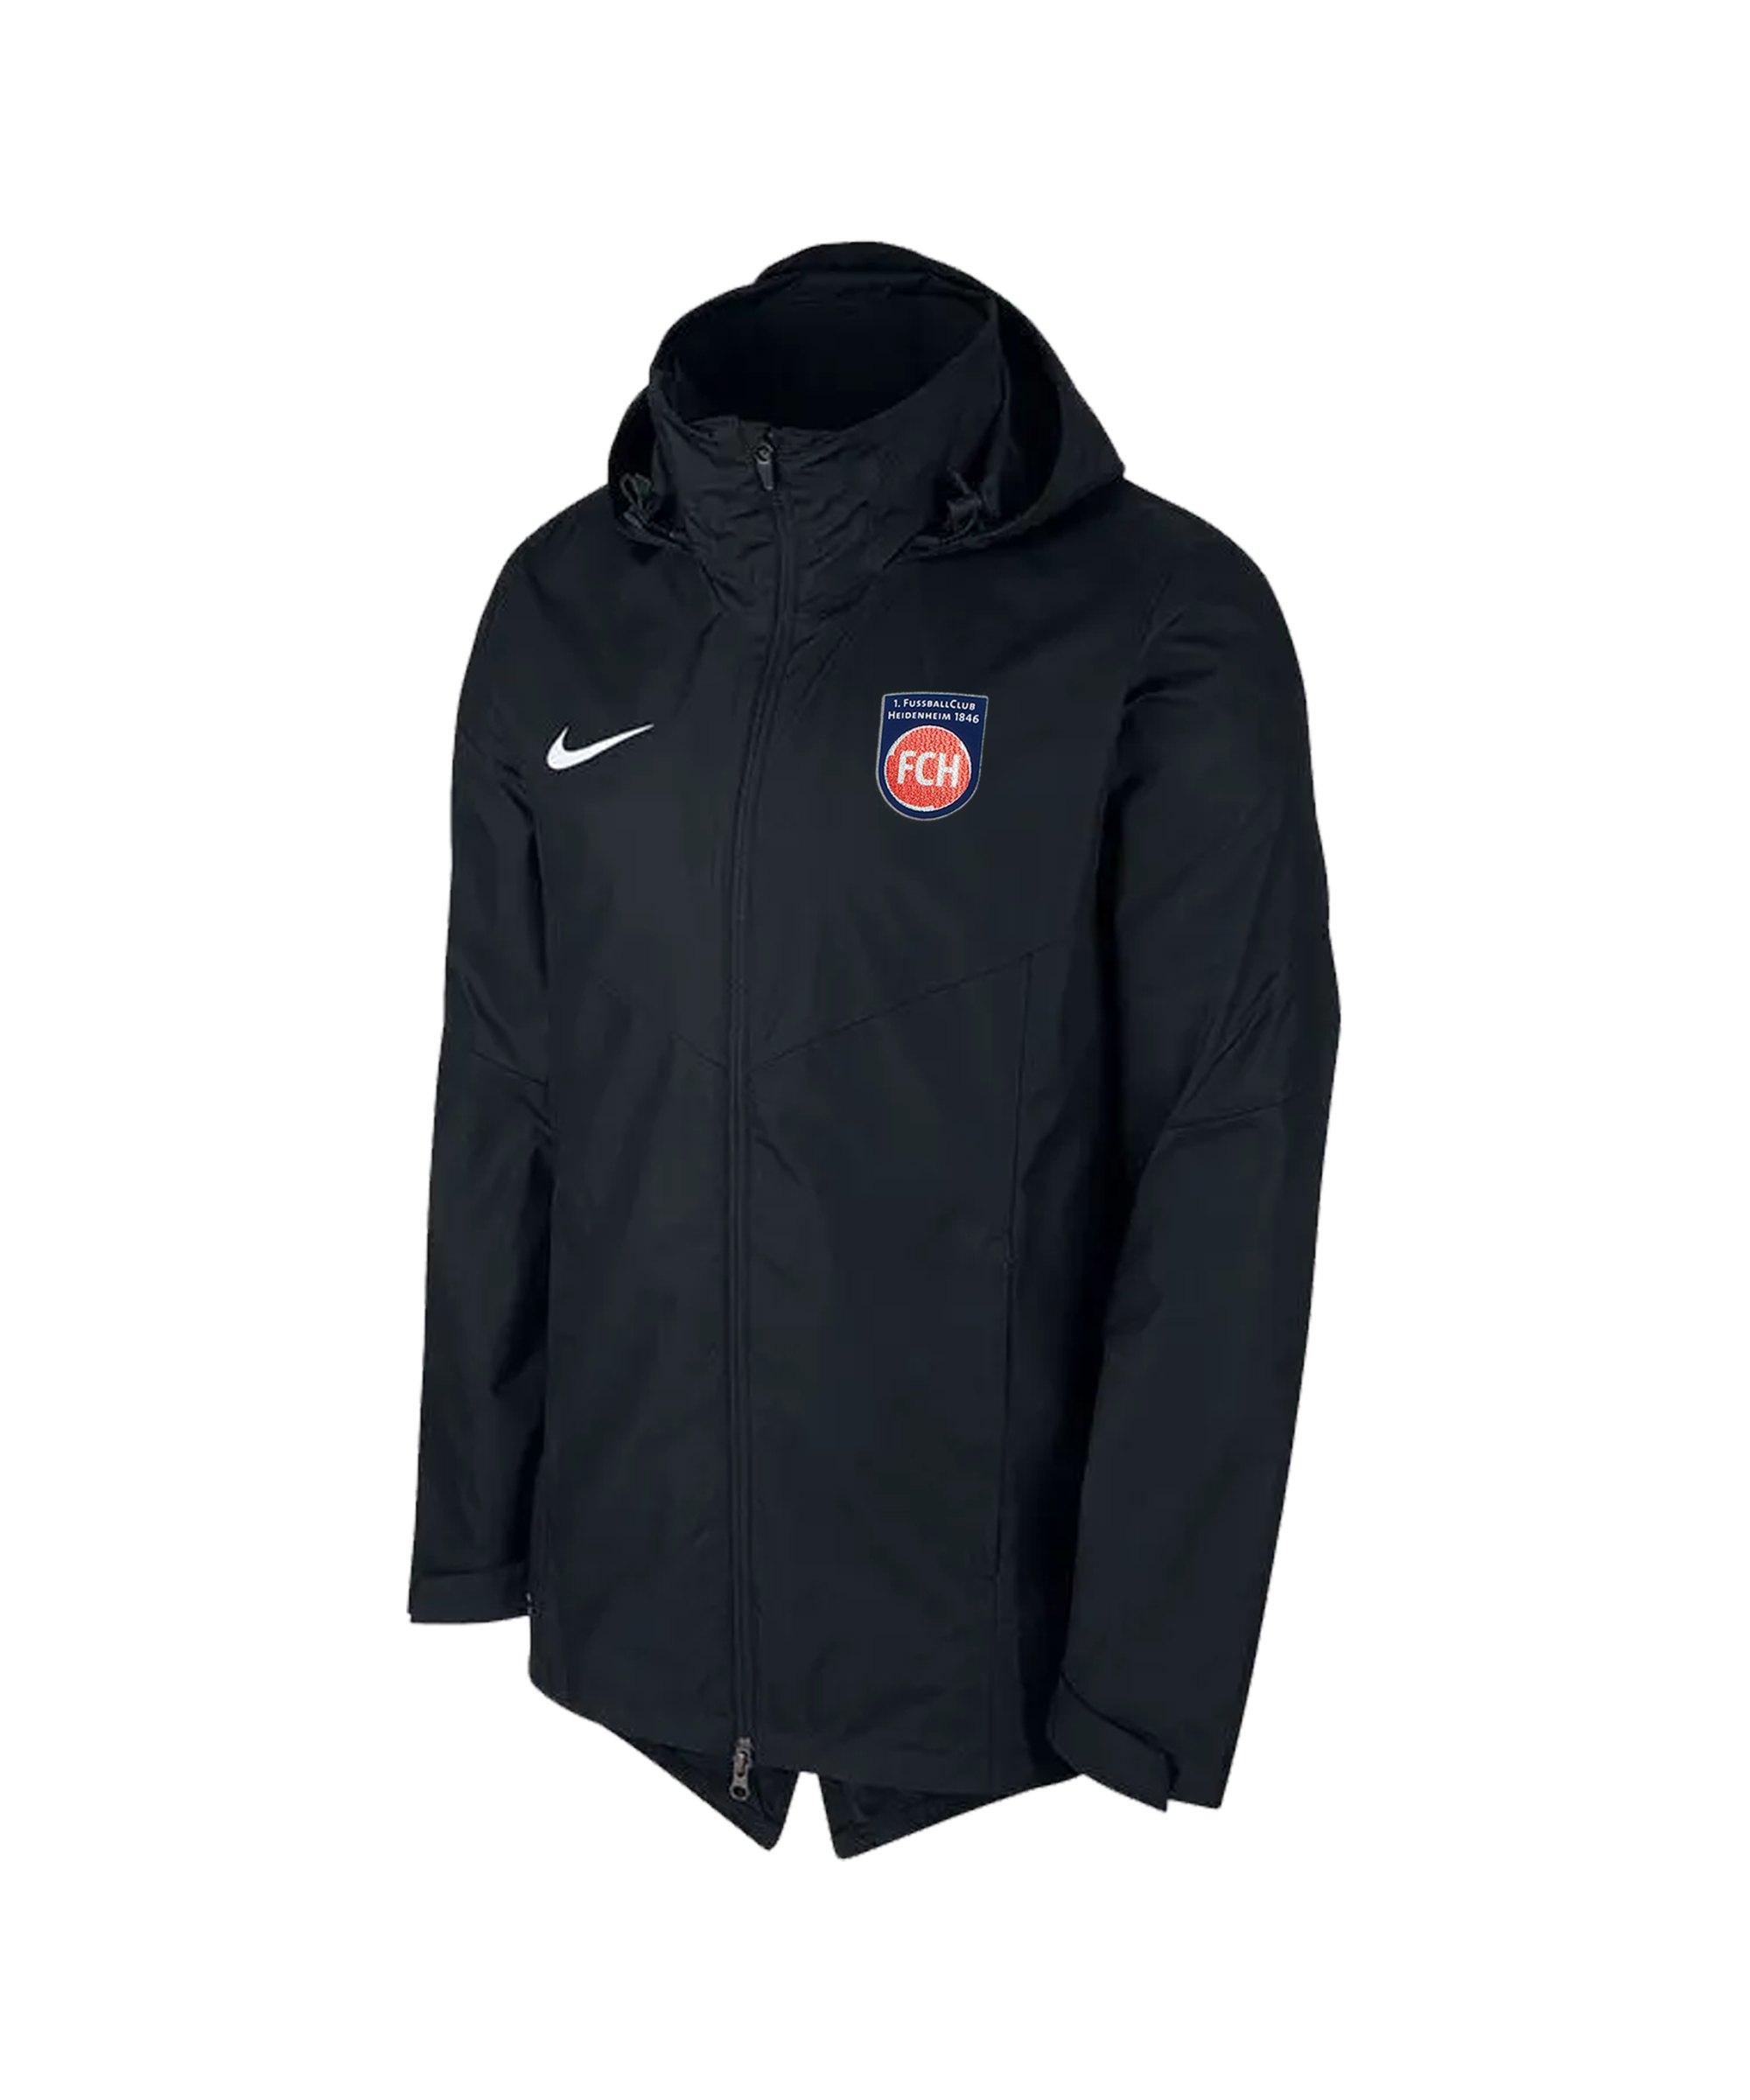 Nike 1. FC Heidenheim Regenjacke Kids Schwarz F010 - schwarz